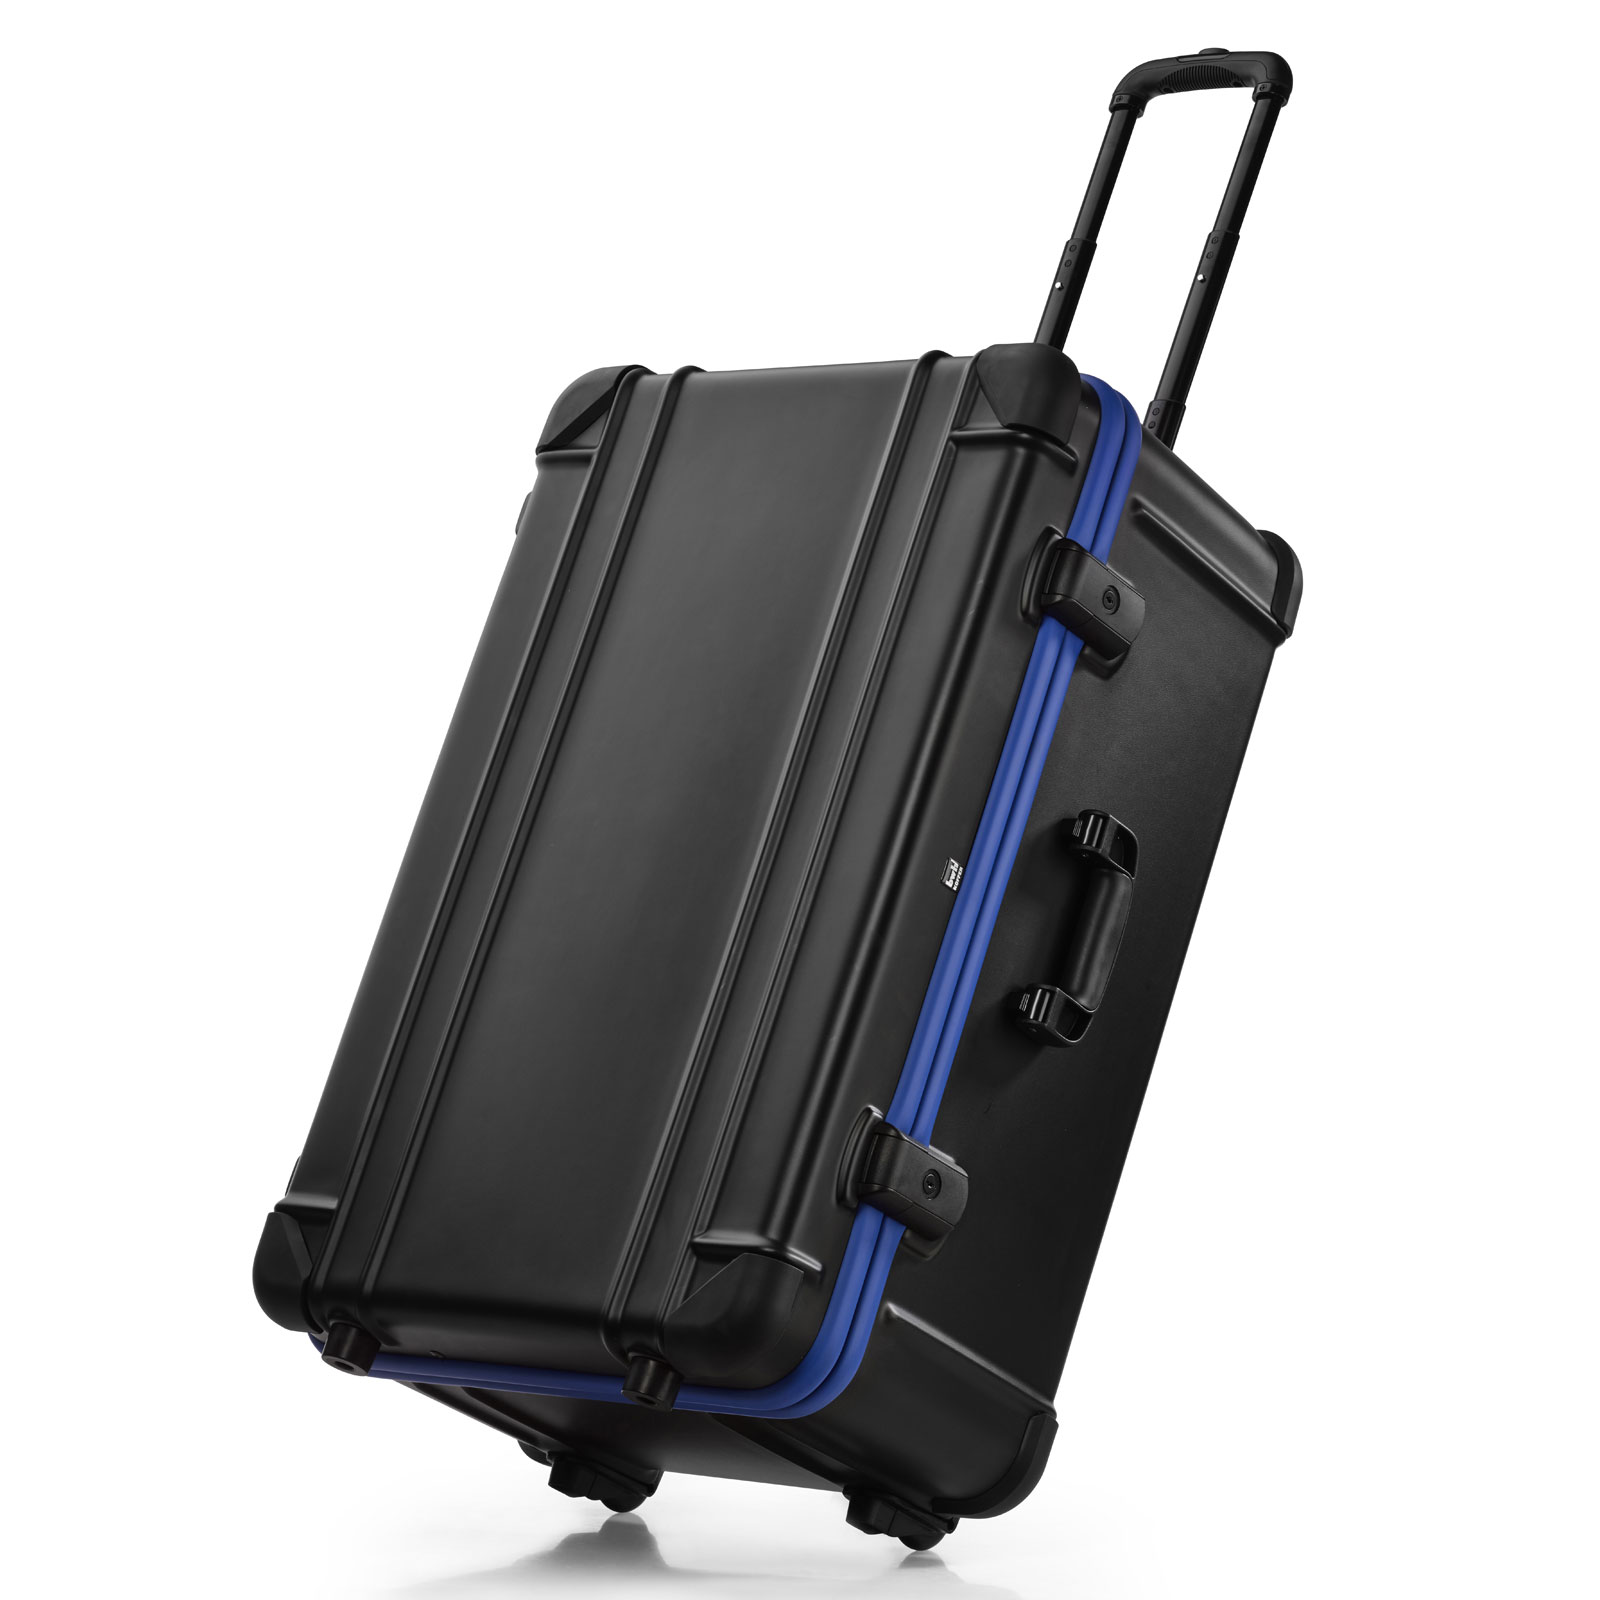 bwh koffer guardian case transportkoffer typ 4 2 rollen. Black Bedroom Furniture Sets. Home Design Ideas